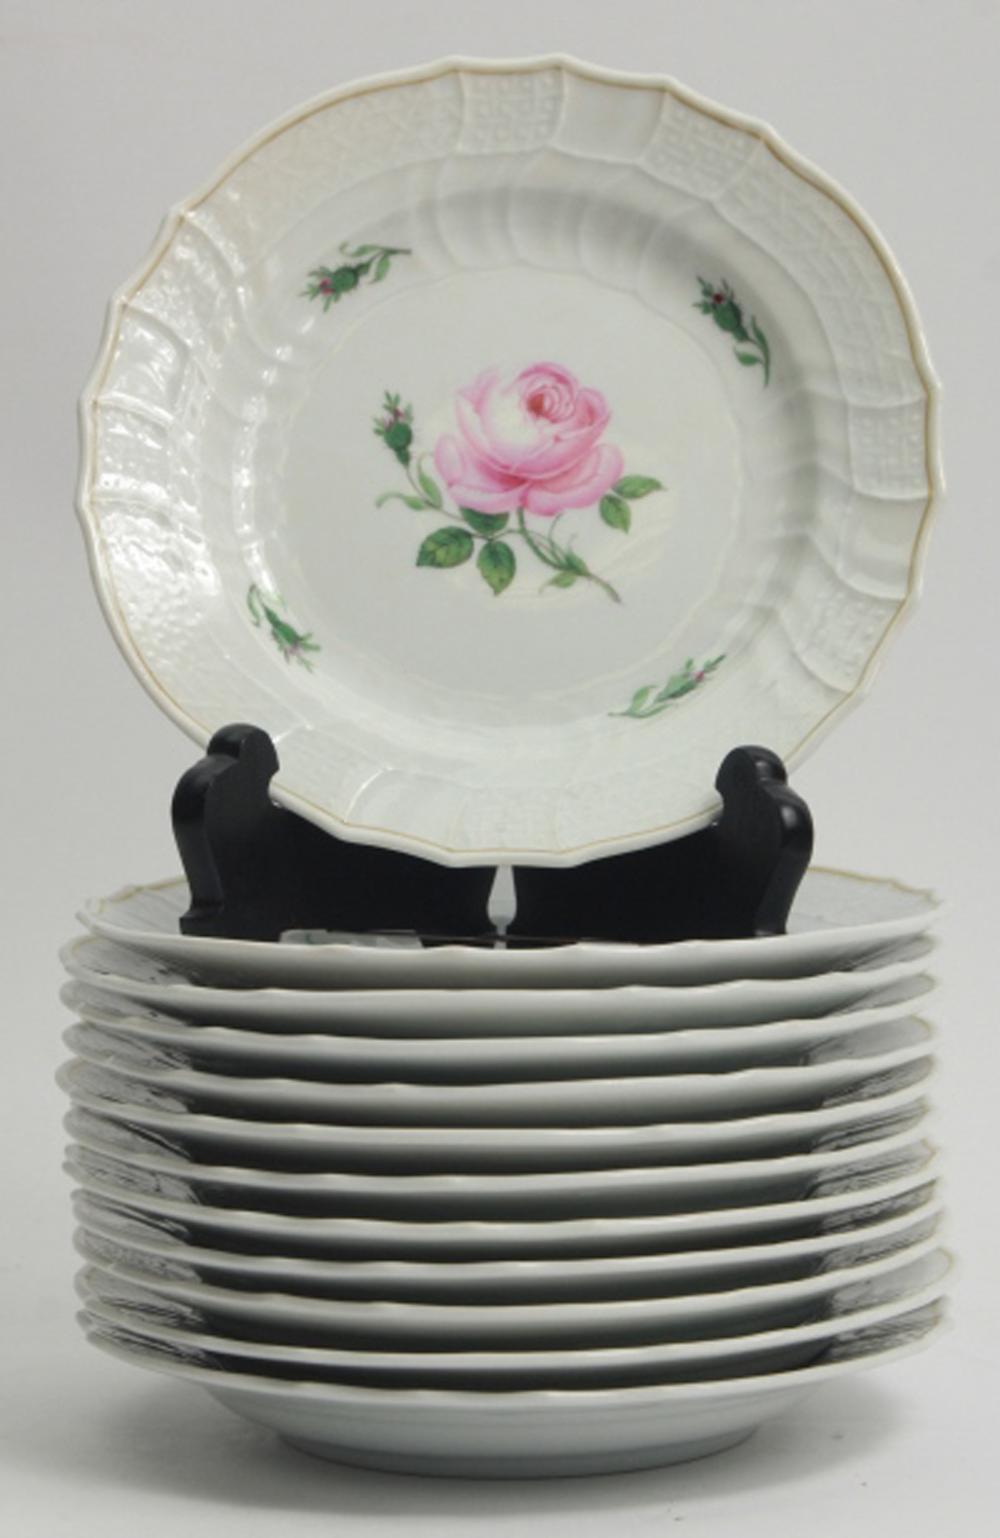 12 Meissen Rose Motif Porcelain Lunch Plates